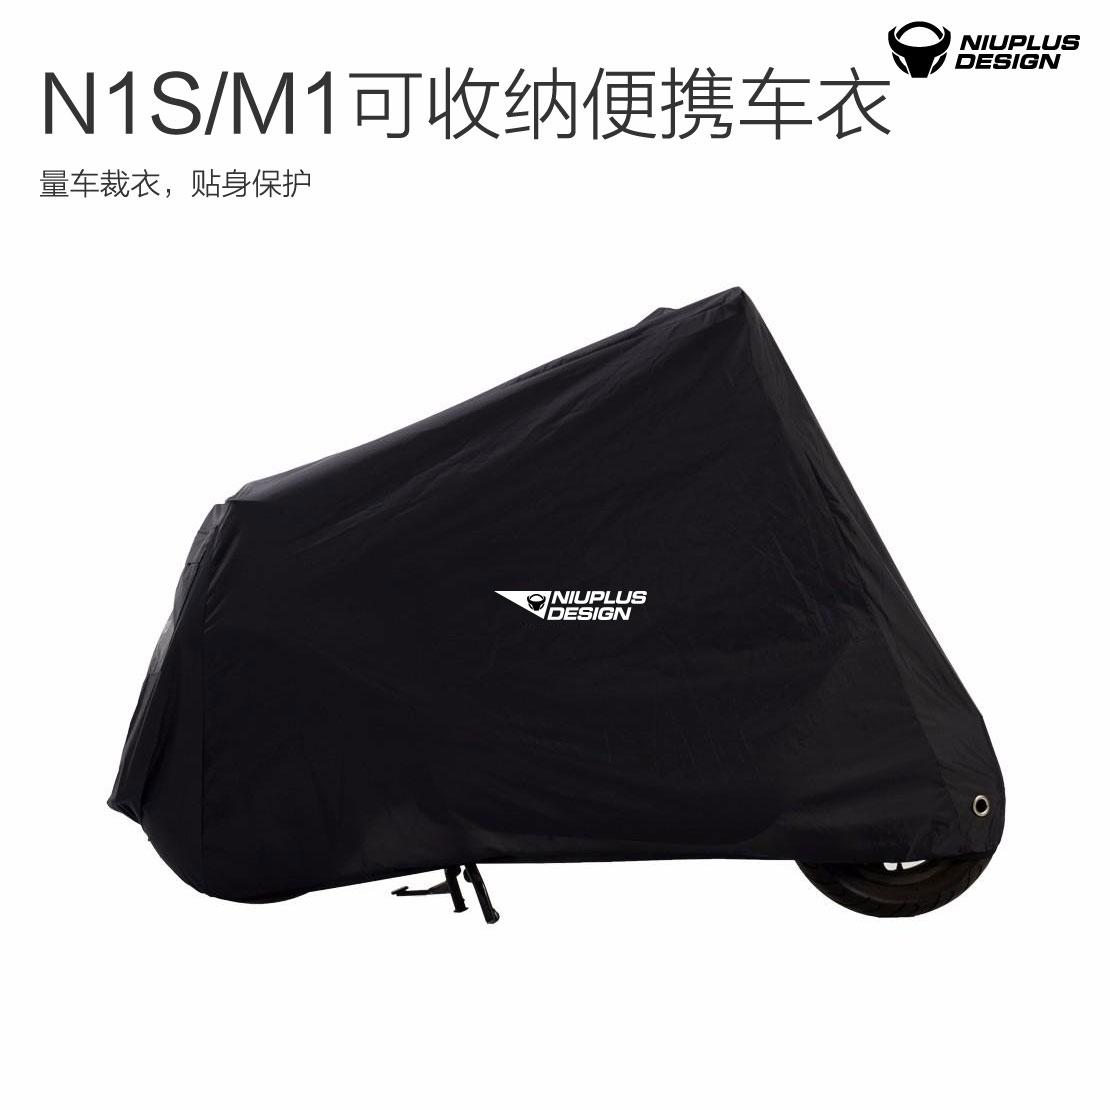 Бесплатная доставка специальный для теленок электромобиль одежда N1s/M1/U1 электромобиль крышка портативный ремонт монтаж противо-дождевой солнцезащитный крем